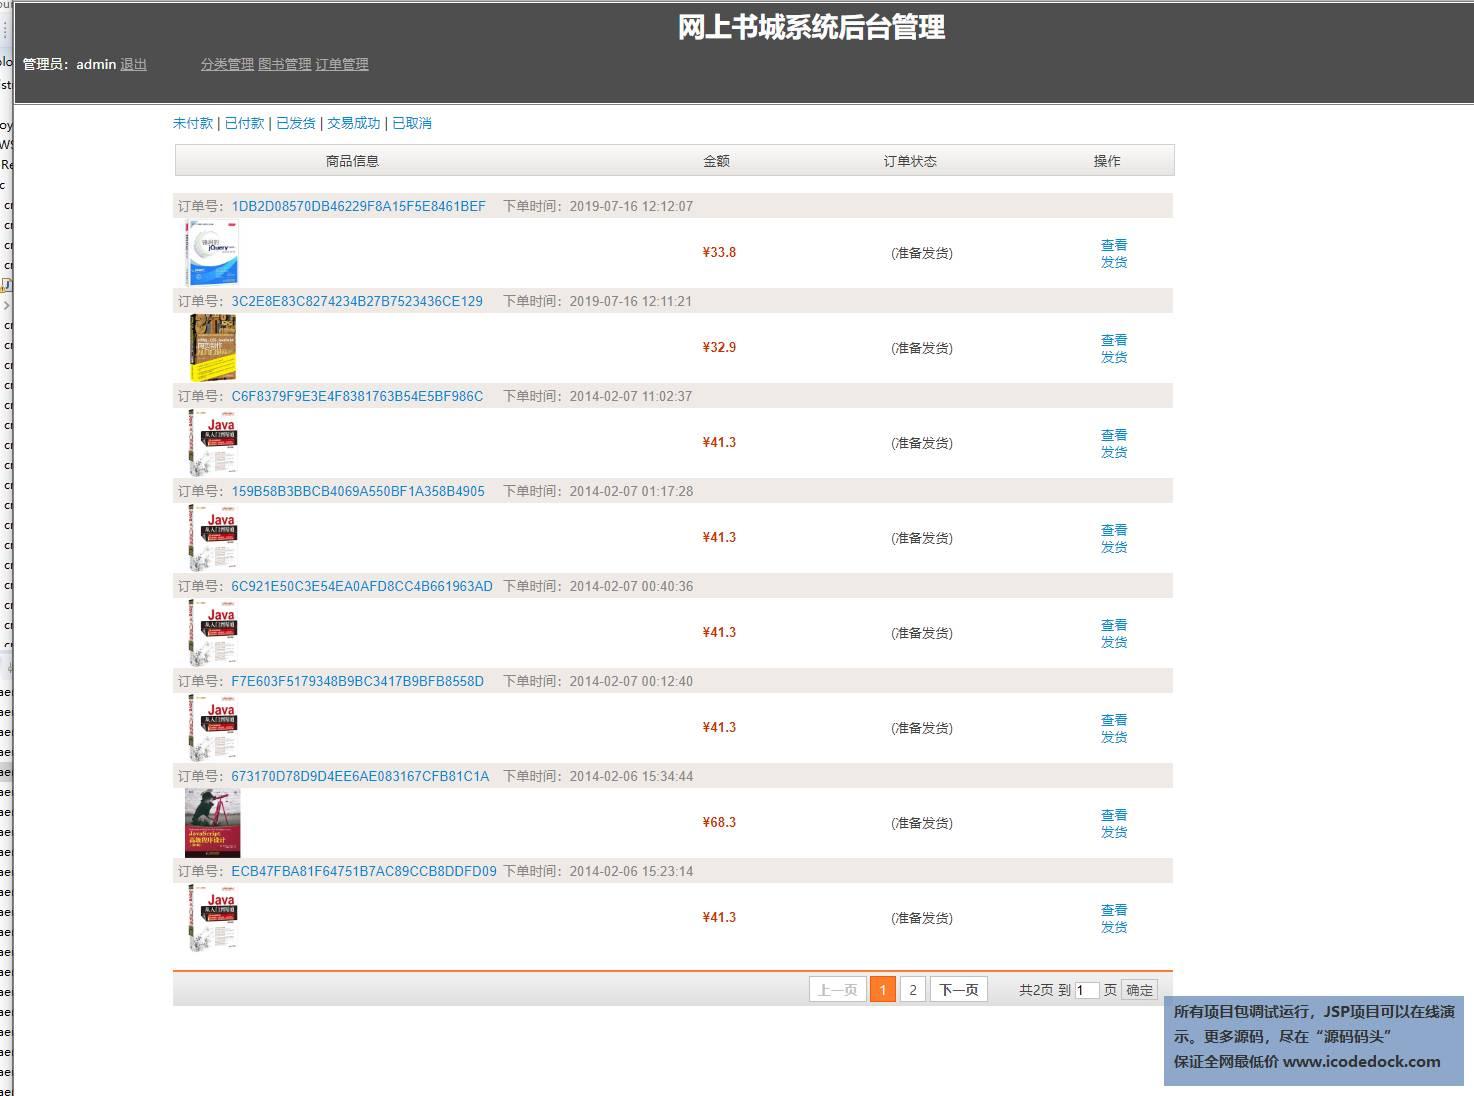 源码码头-JSP图书销售管理系统-管理员角色-订单管理